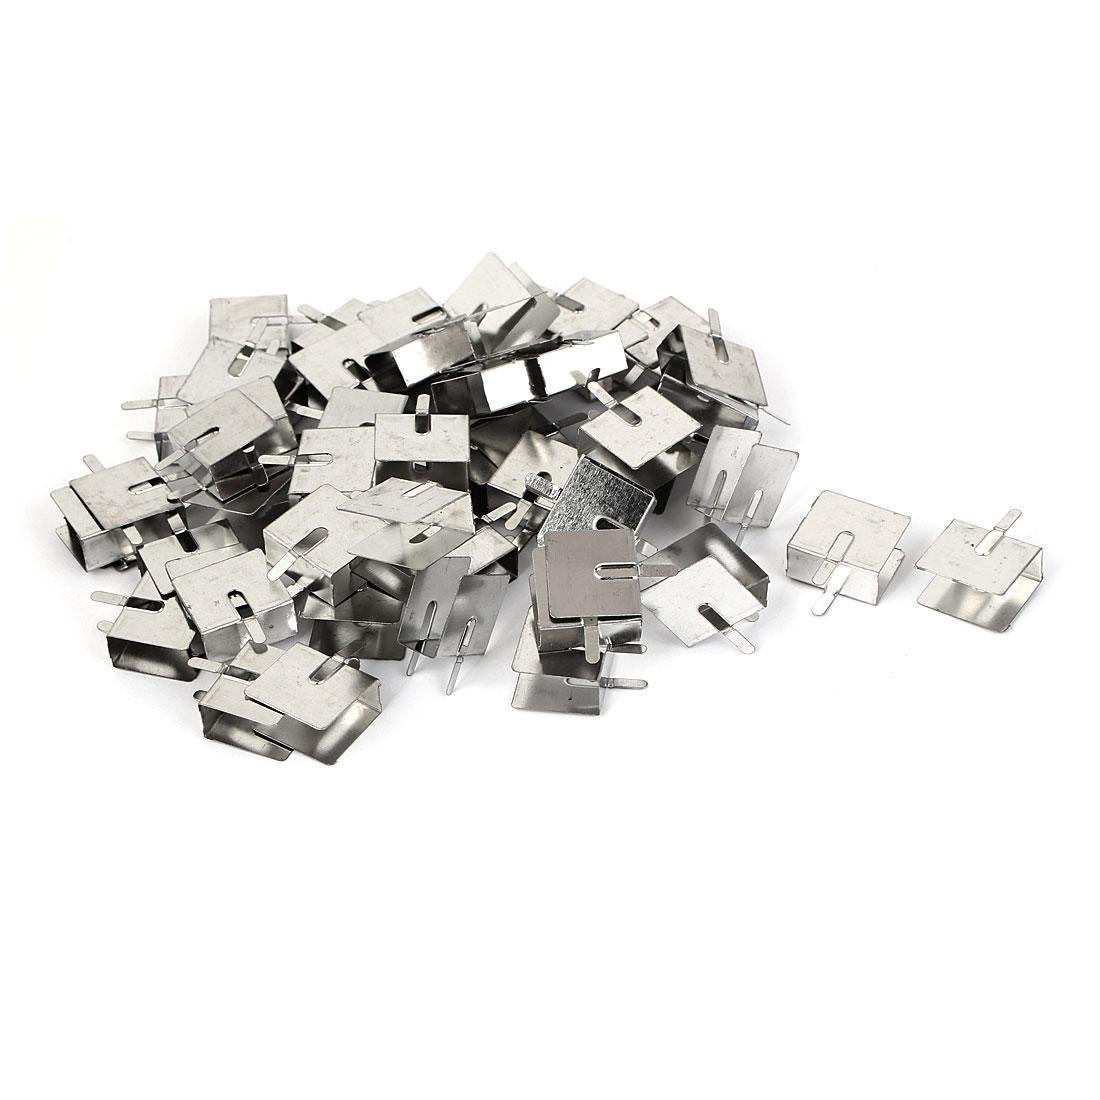 18mmx20mmx10mm PCB Mounting Steel Heat Diffuse Heatsink Cooling Fin 60pcs